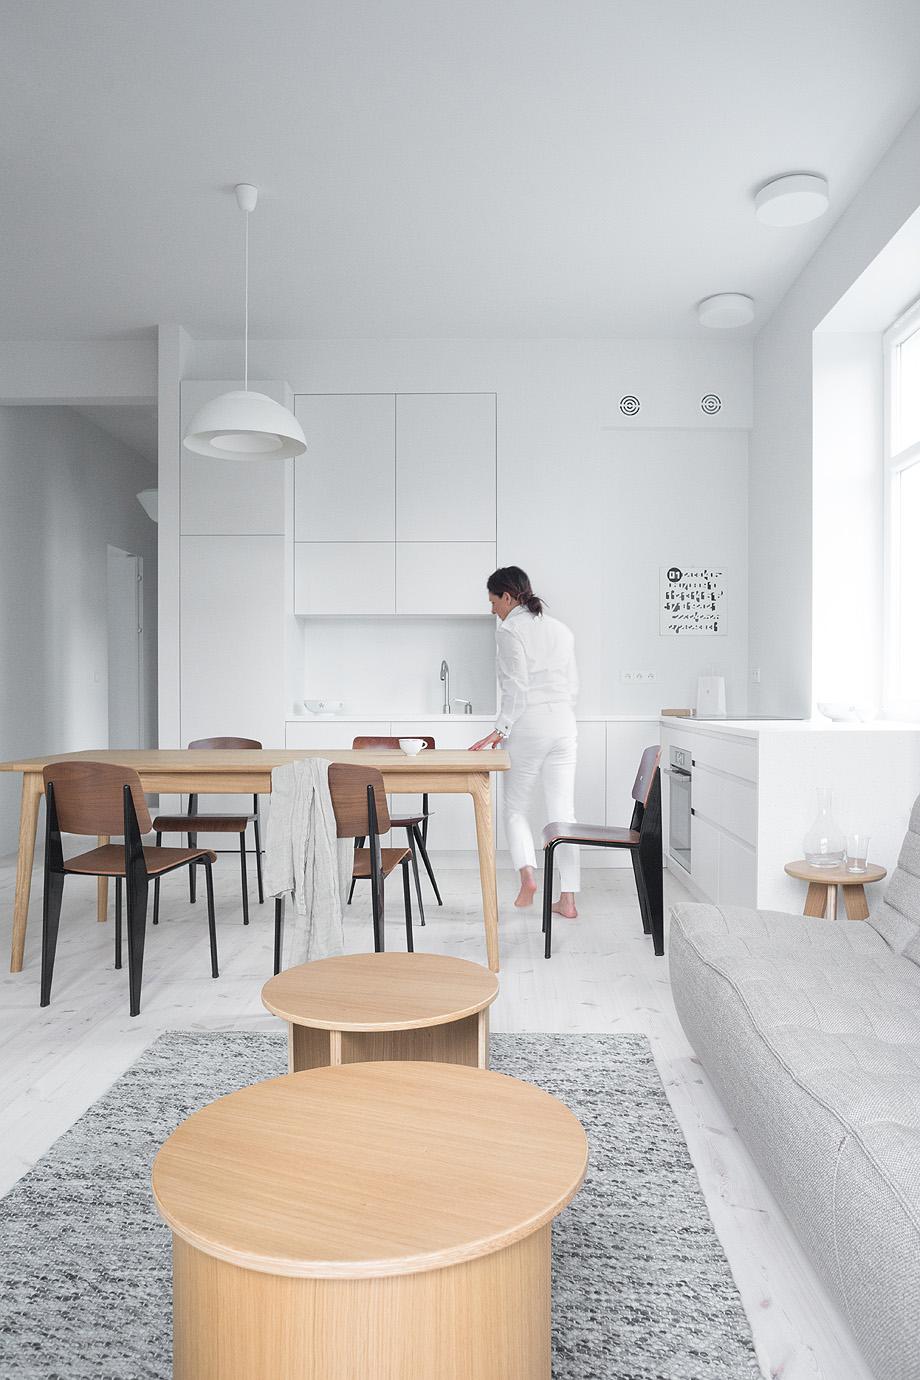 apartamento en varsovia de loft kolasinski - foto joel hauck (8)